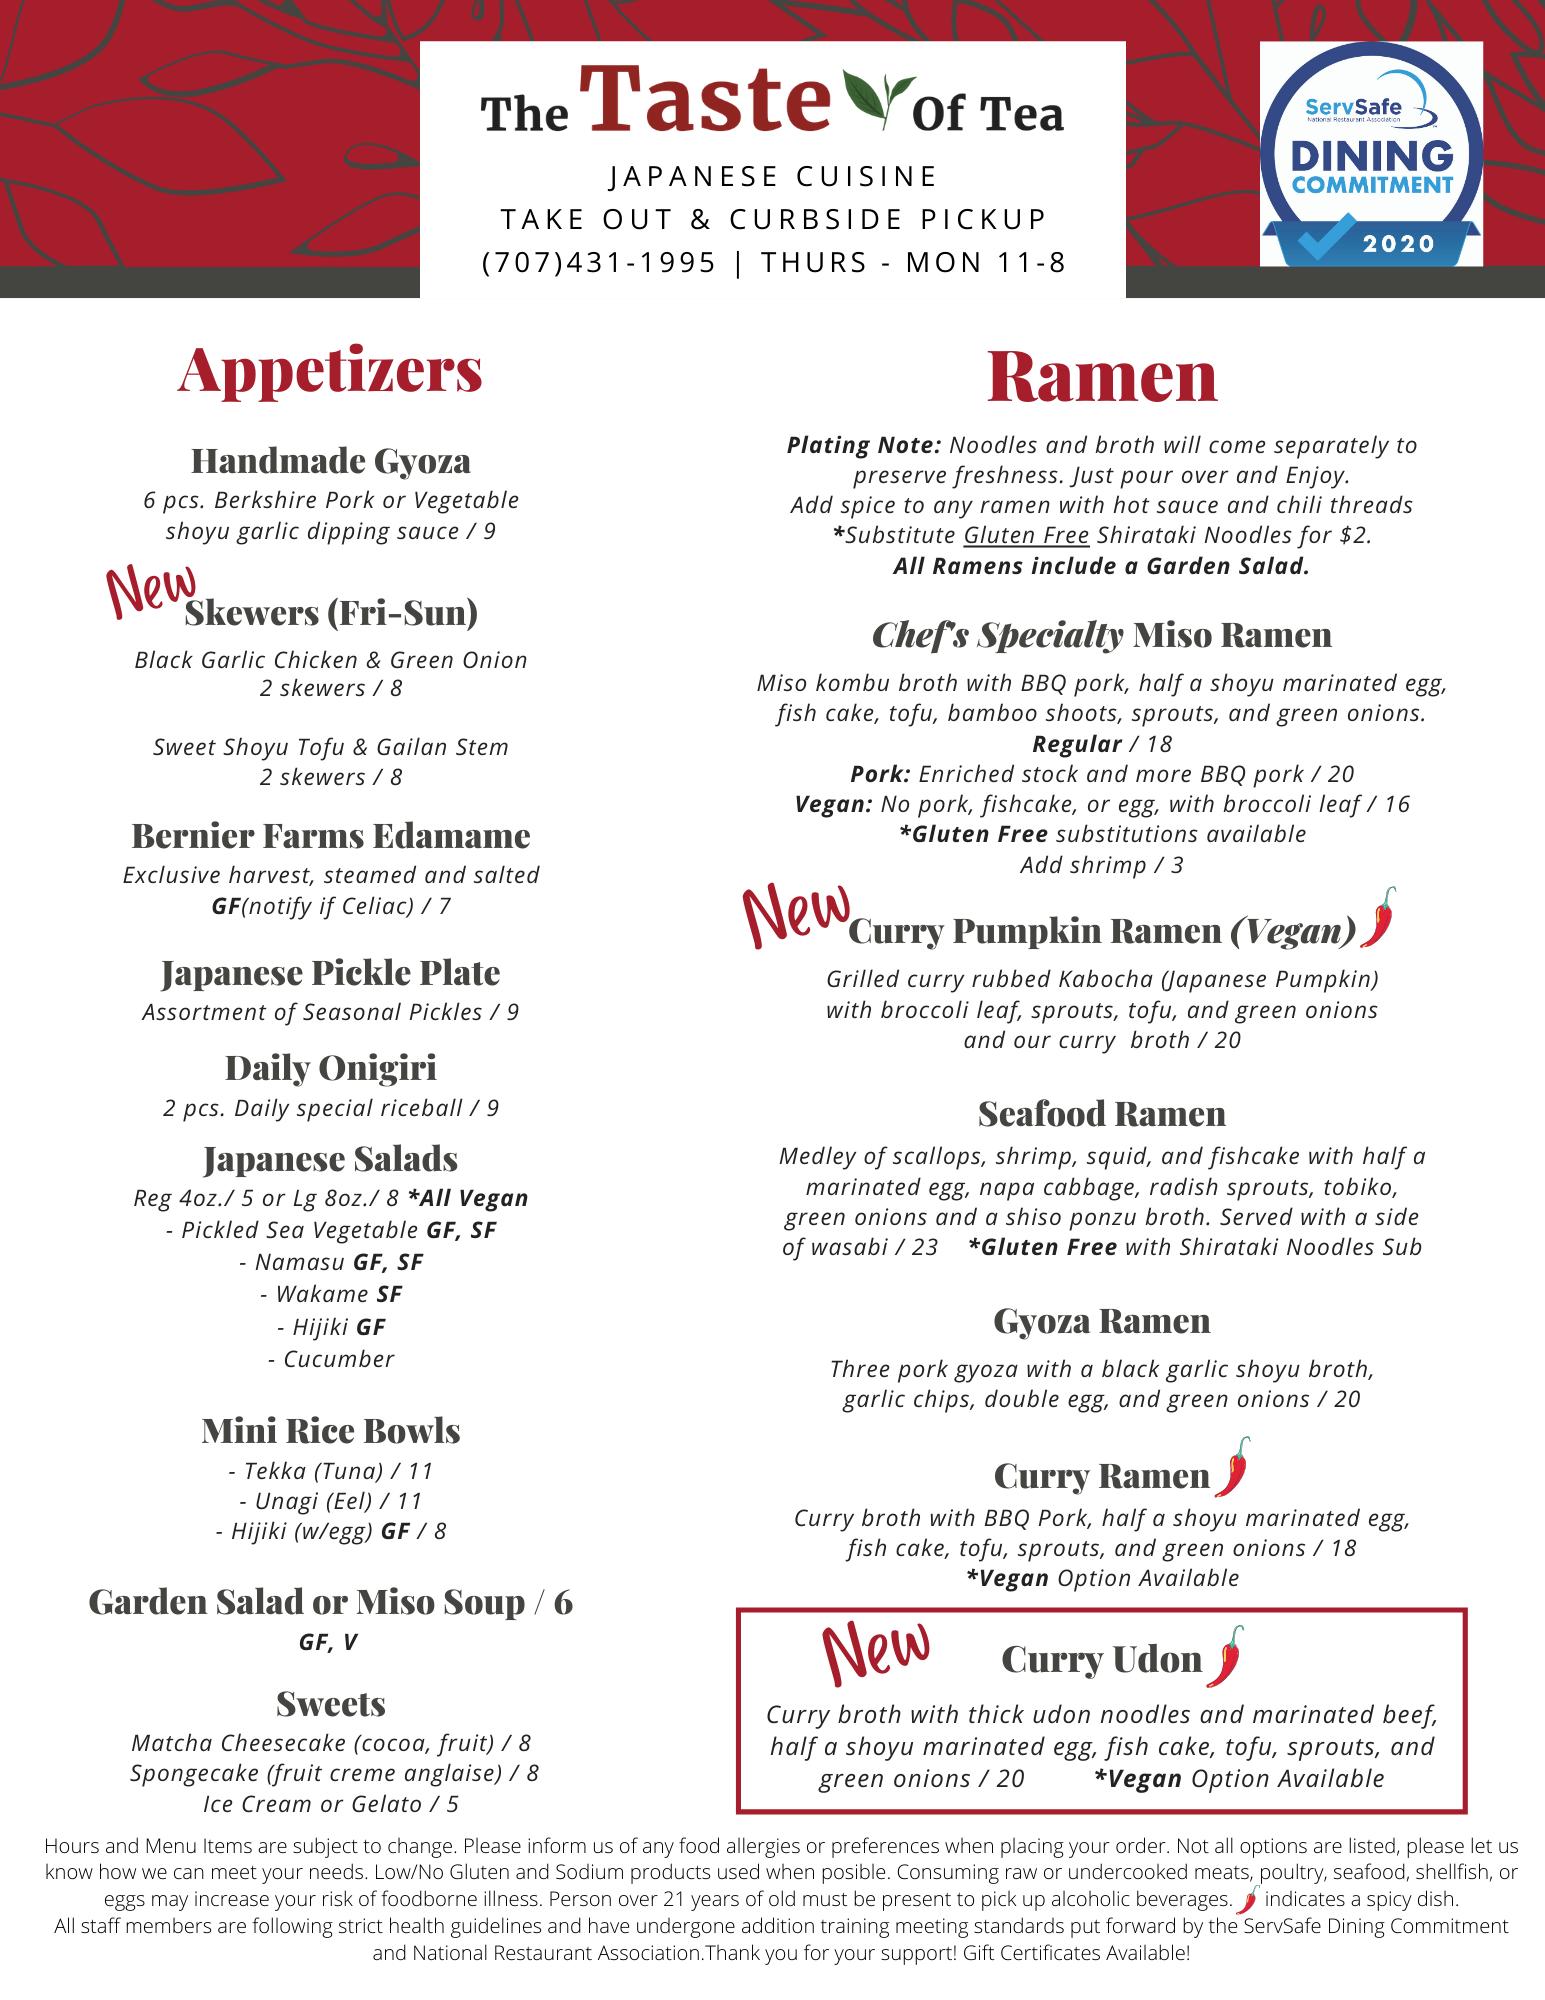 fall-menu-111520-p1-png.png